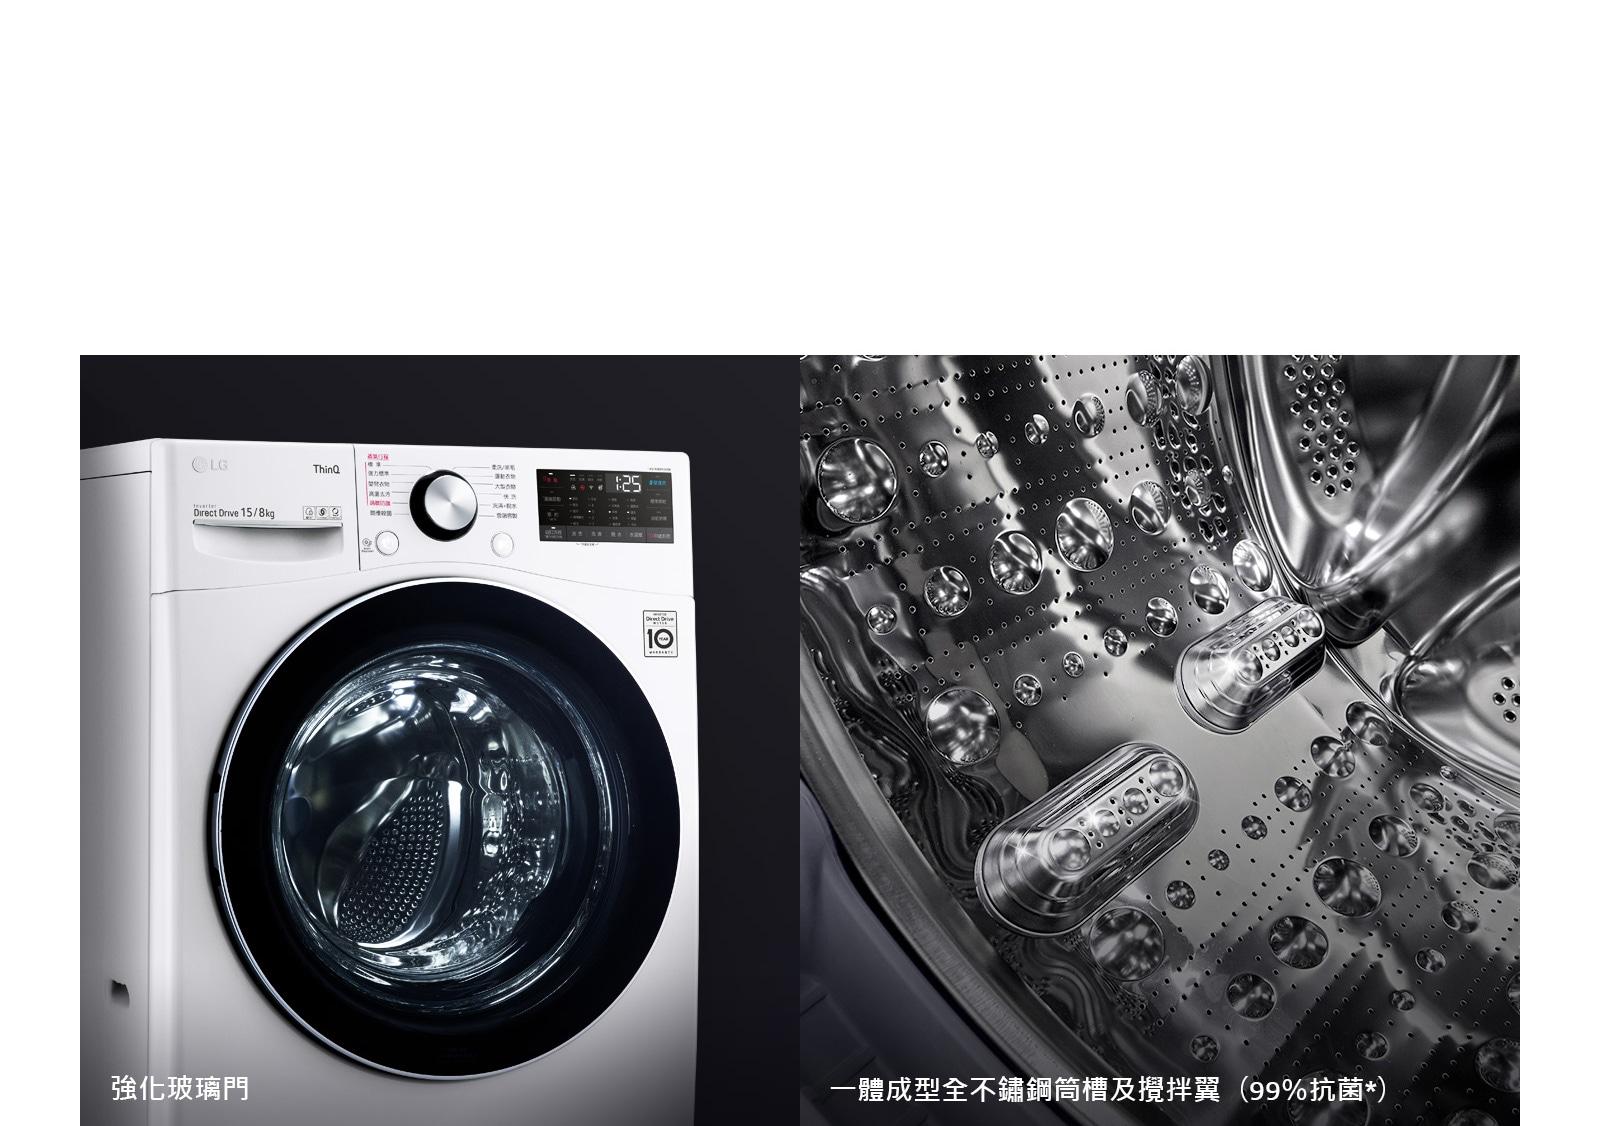 第一張為以強化玻璃門為焦點的滾筒洗衣機圖。第二張圖片顯示不銹鋼設計的筒槽內部。